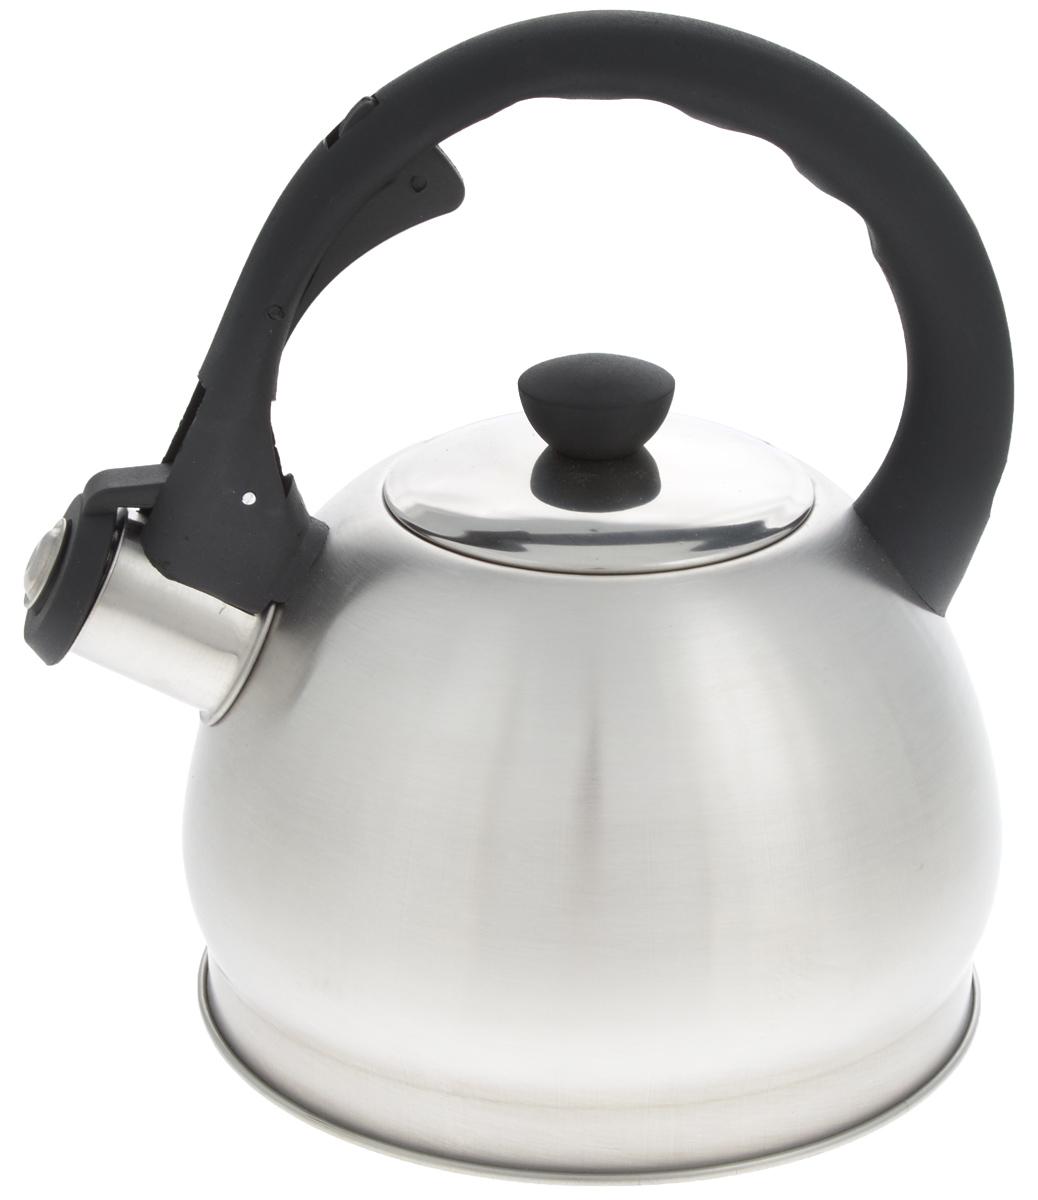 Чайник Mayer & Boch, со свистком, 2 л. 2589425894Чайник со свистком Mayer & Boch изготовлен из высококачественной нержавеющей стали, что обеспечивает долговечность использования. Носик чайника оснащен откидным свистком, звуковой сигнал которого подскажет, когда закипит вода. Свисток открывается нажатием кнопки на фиксированной ручке, сделанной из пластика. Чайник Mayer & Boch - качественное исполнение и стильное решение для вашей кухни. Подходит для всех типов плит, включая индукционные. Можно мыть в посудомоечной машине. Высота чайника (с учетом ручки и крышки): 22 см. Диаметр чайника (по верхнему краю): 9 см. Диаметр основания: 16,5 см. Диаметр индукционного диска: 11,5 см.